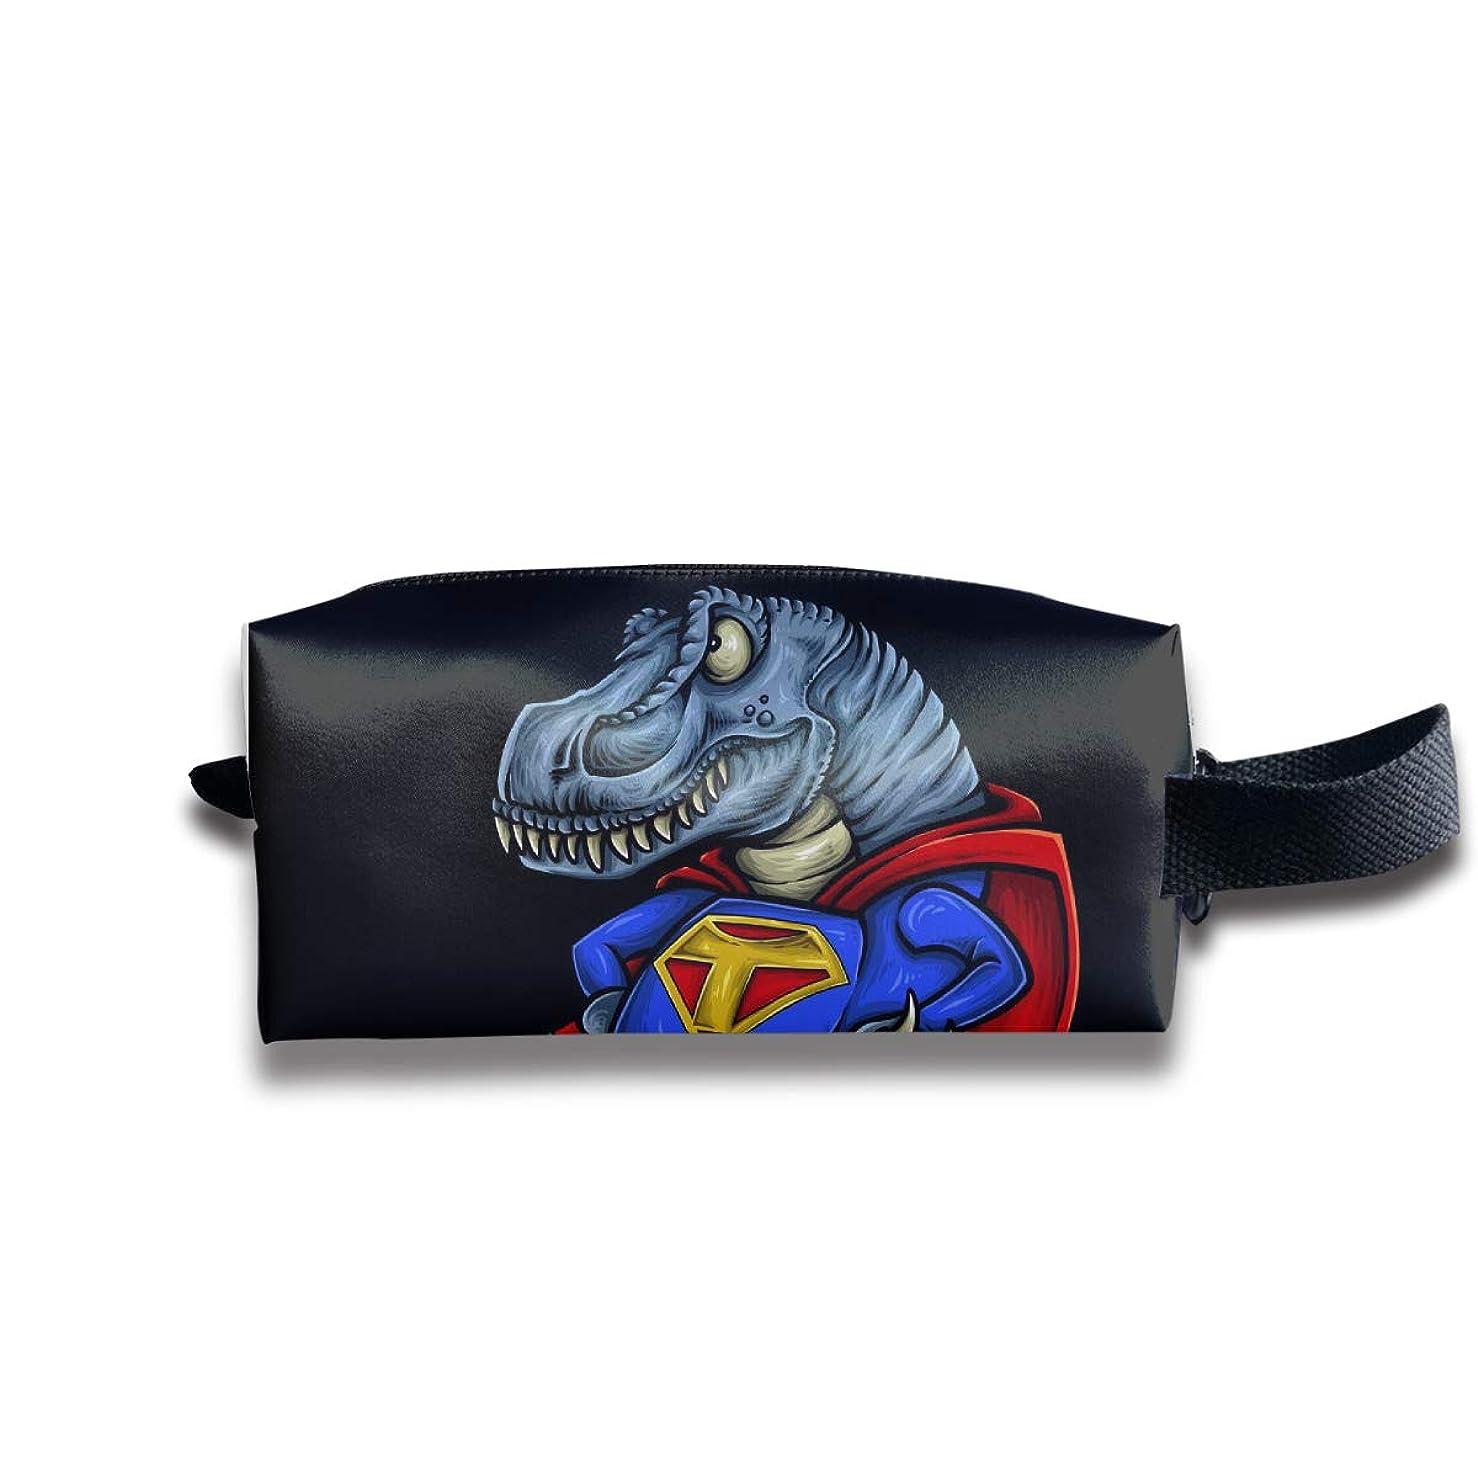 恐竜t-rexキャラクターデザイン ペンケース文房具バッグ大容量ペンケース化粧品袋収納袋男の子と女の子多機能浴室シャワーバッグ旅行ポータブルストレージバッグ